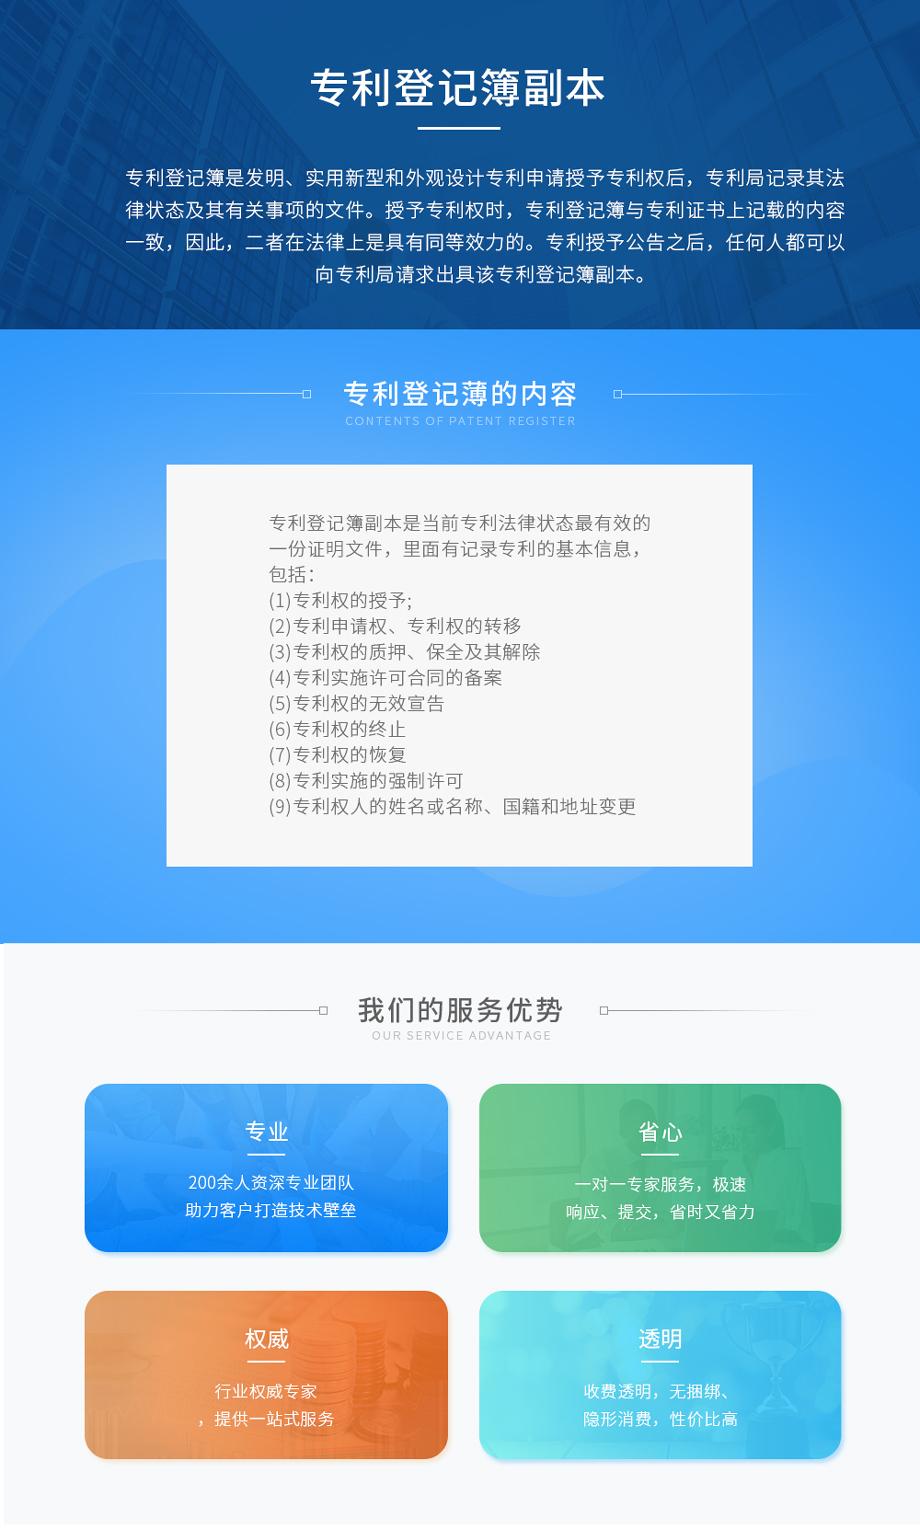 代办专利登记簿副本_01.jpg